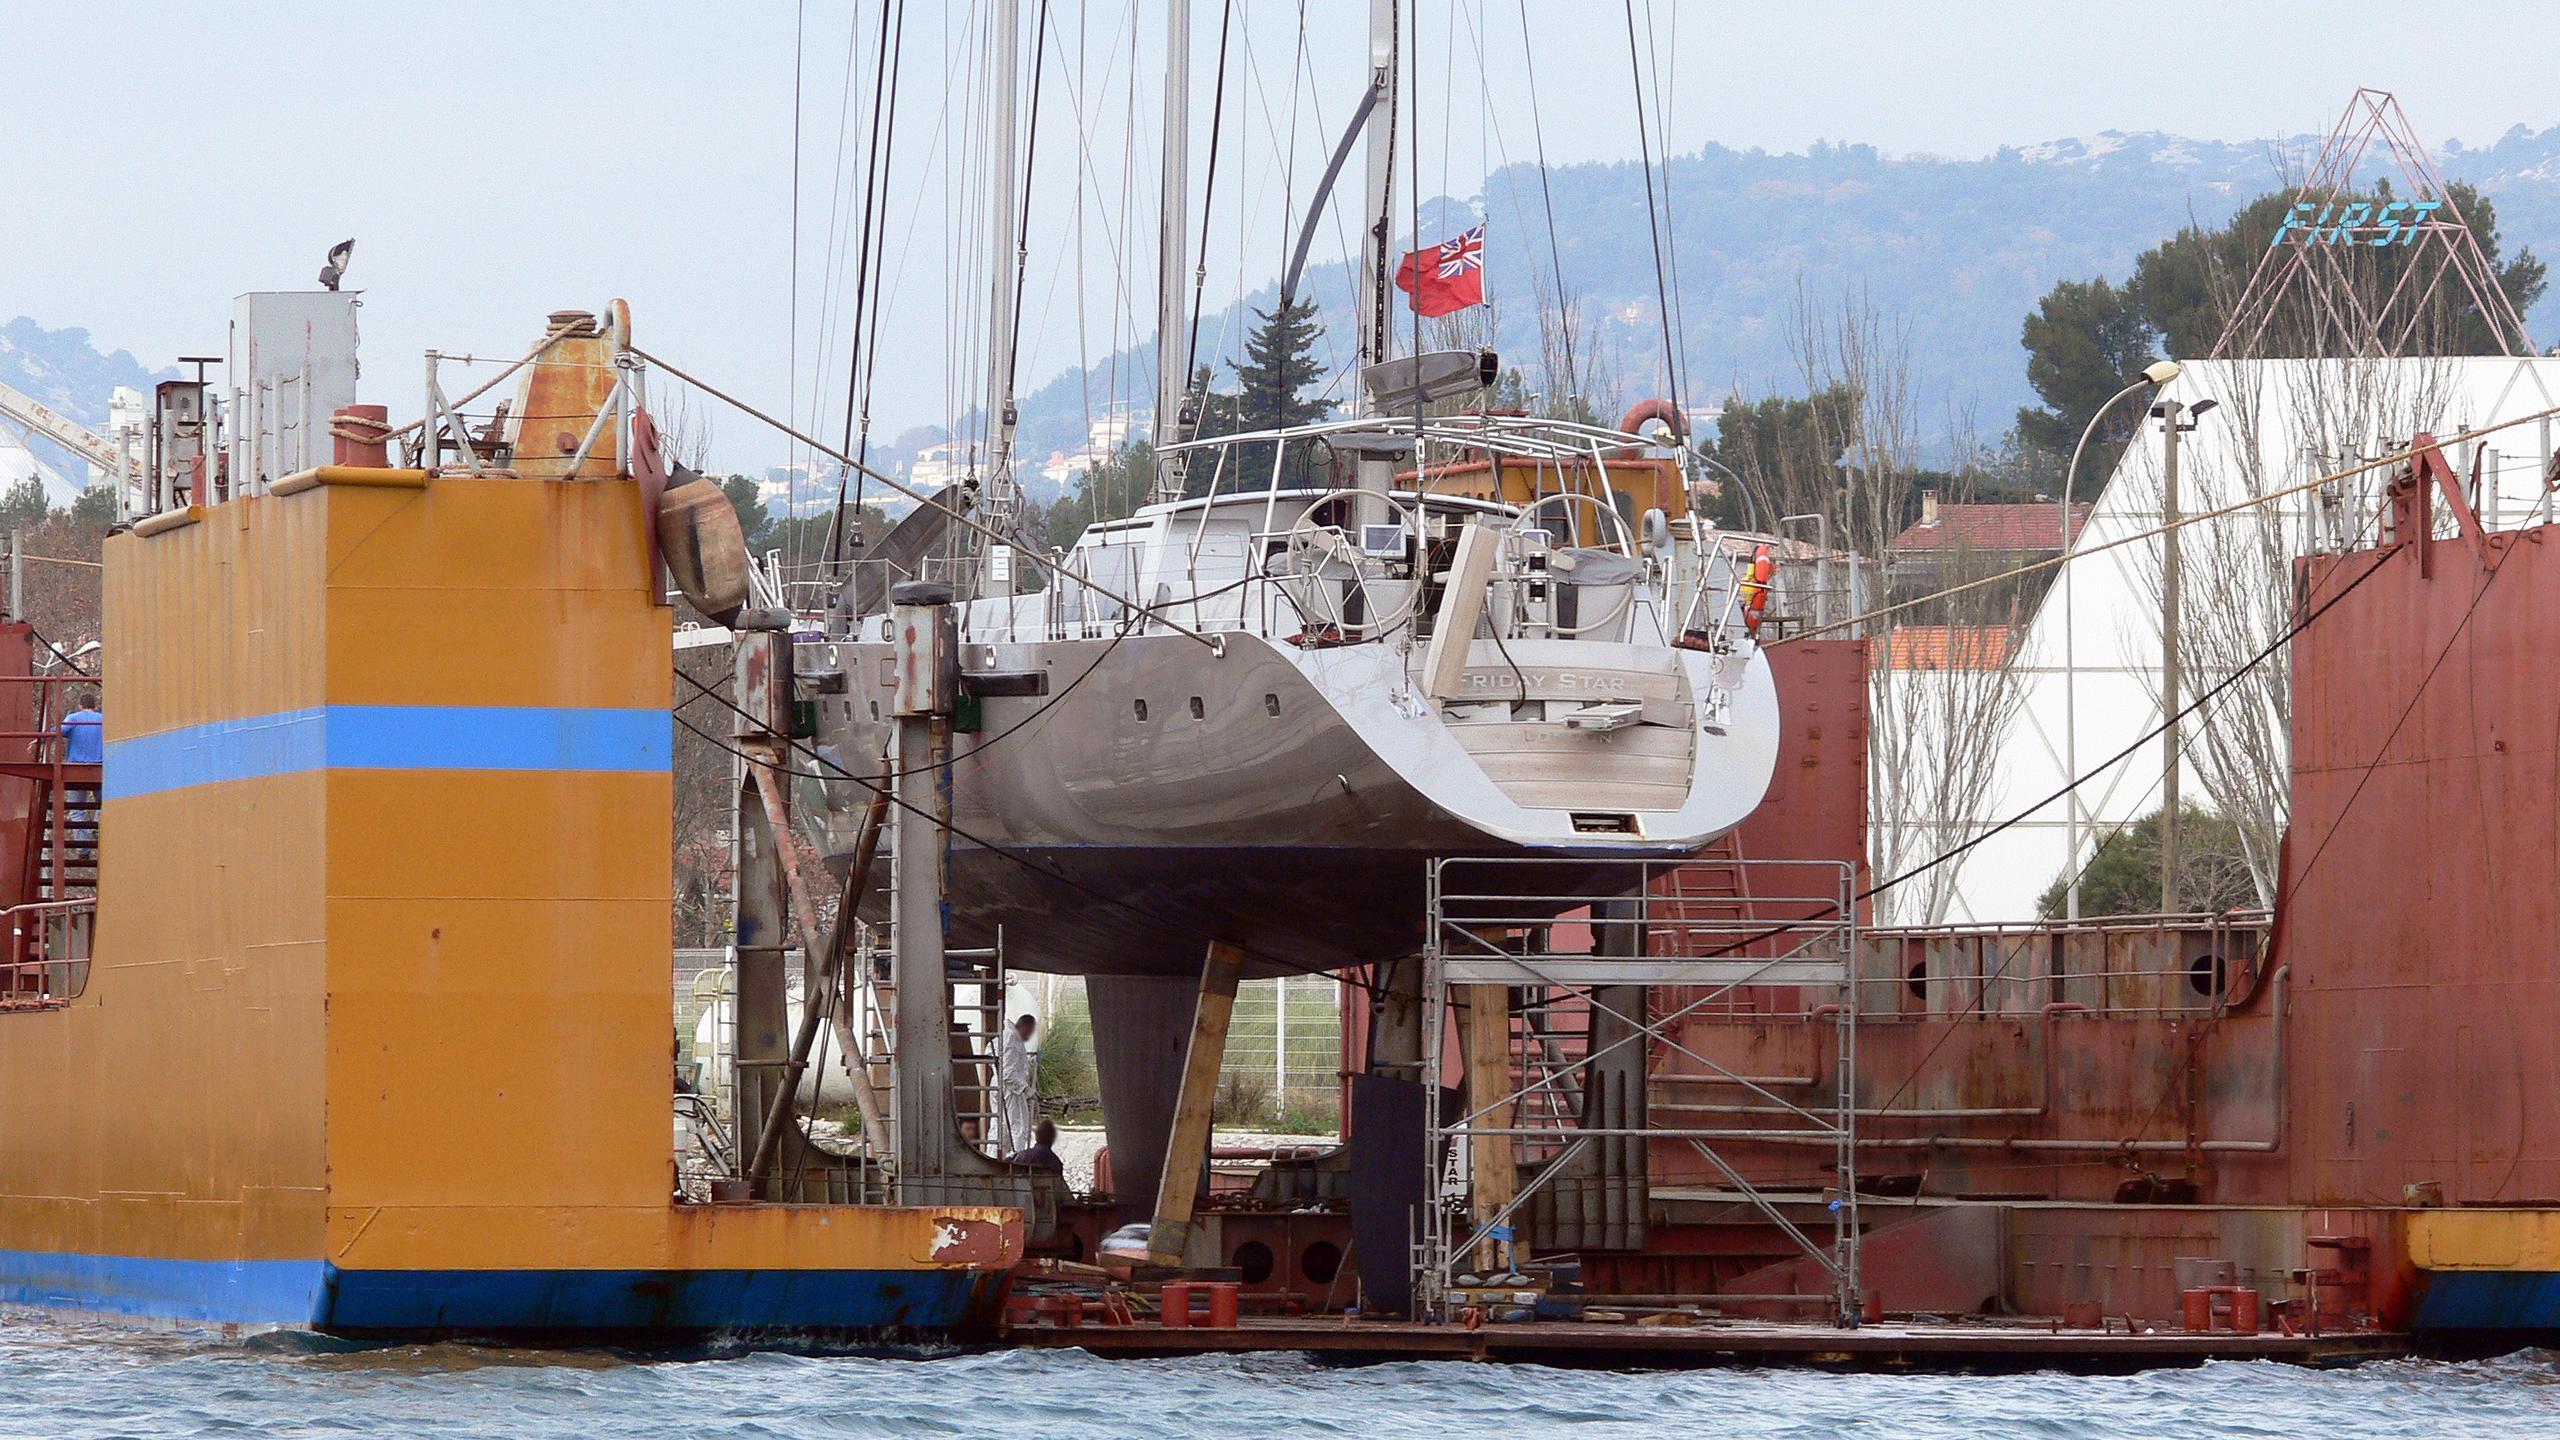 yamakay-sailing-yacht-cmn-1994-42m-stern-shipyard